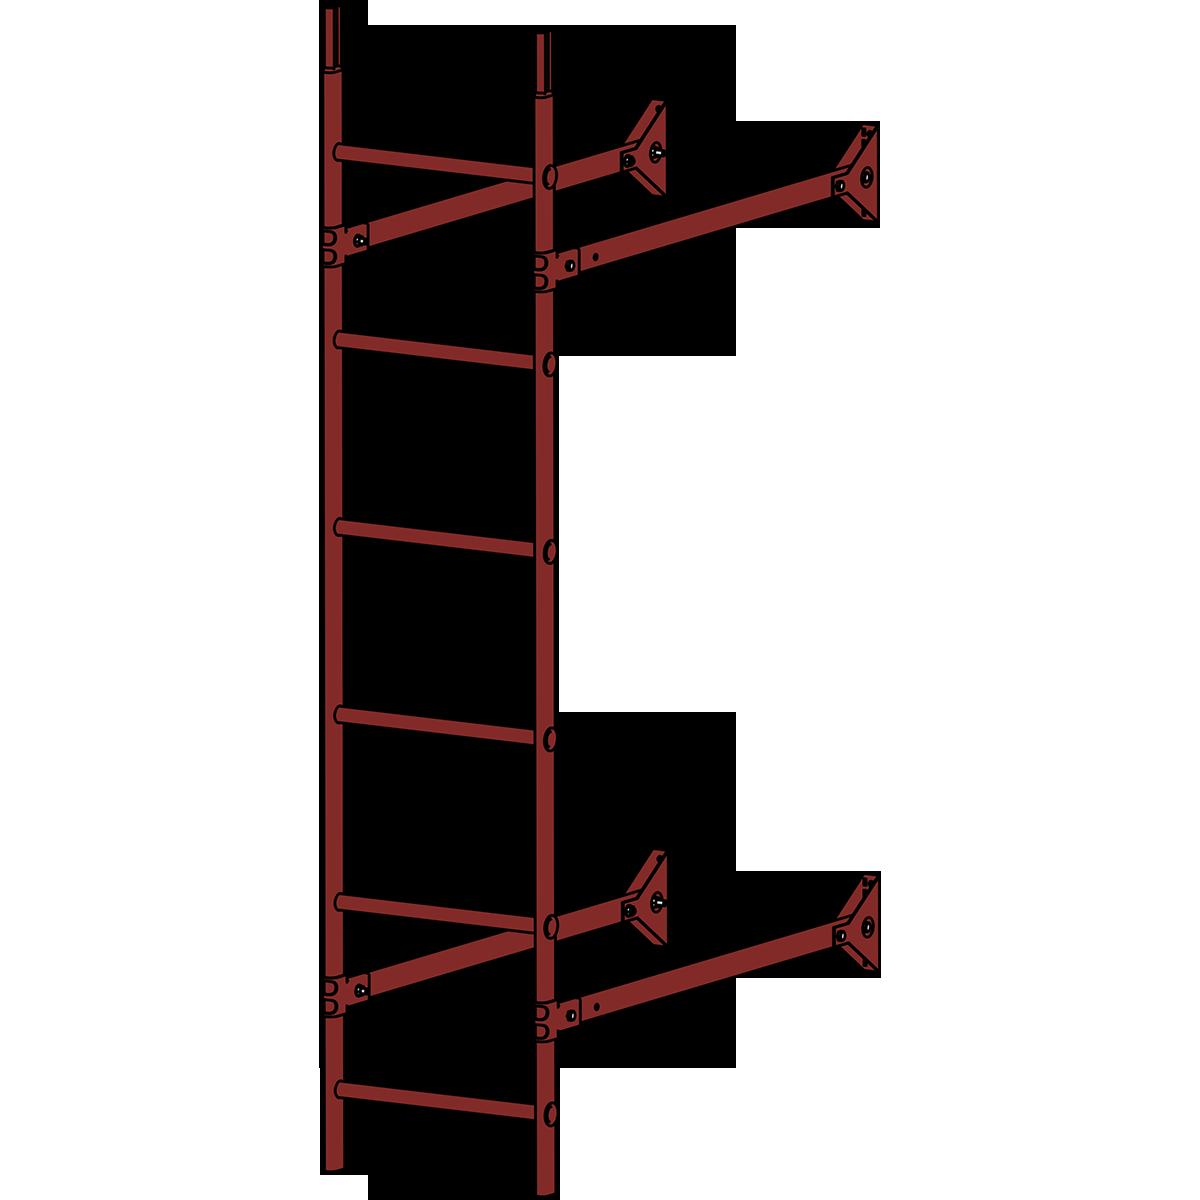 Лестница стеновая ROOFSYSTEMS ELITE 400 1,8 м RAL 3009 Красная окись